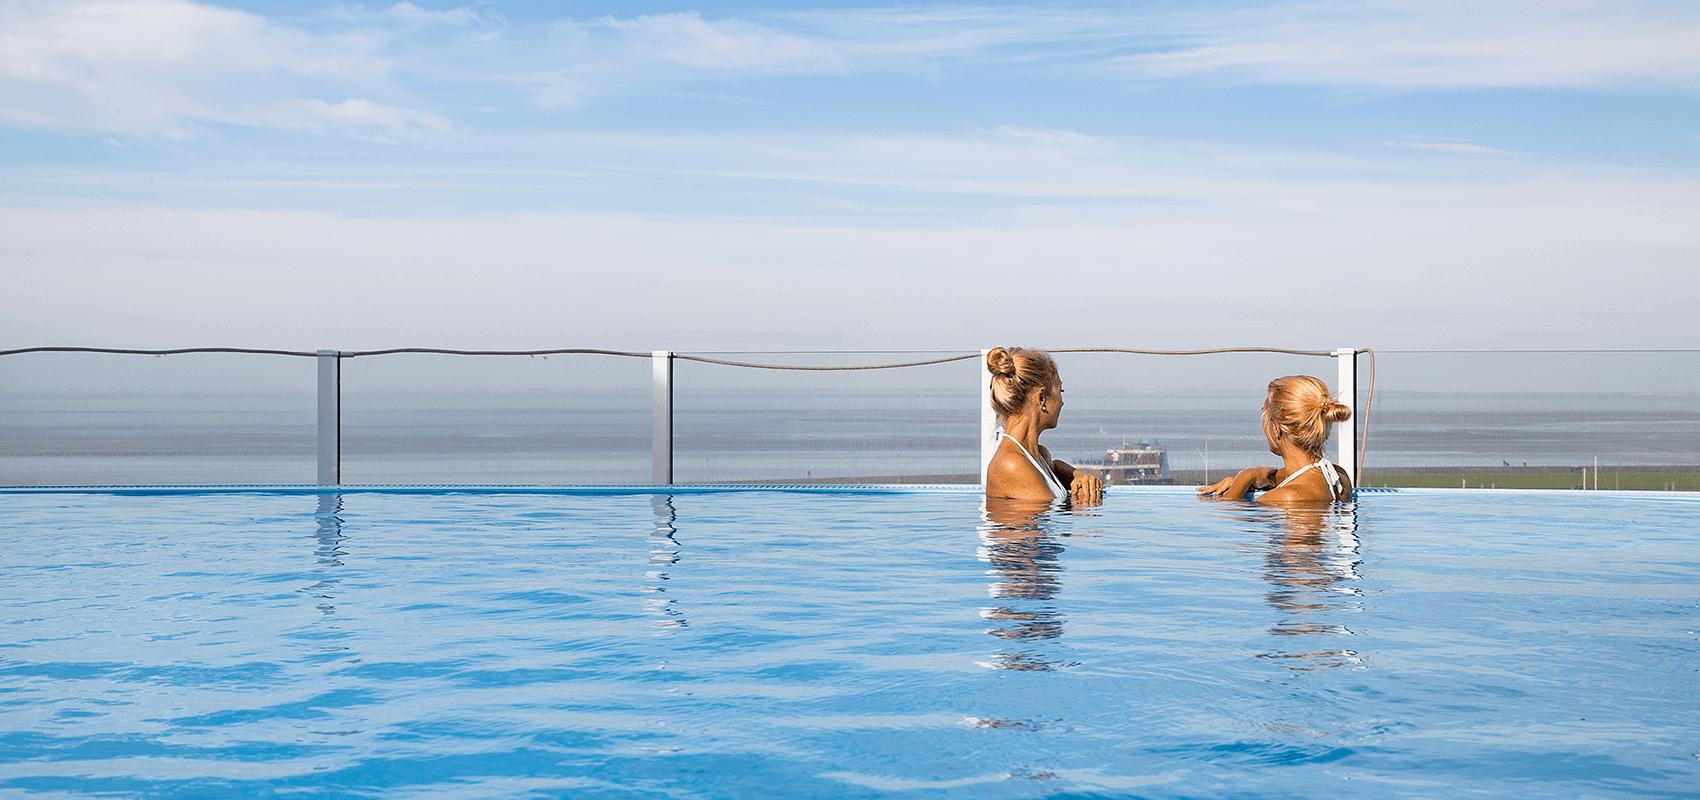 Zwei Frauen genießen den Ausblick vom Infinitypool auf dem Wellnessdeck